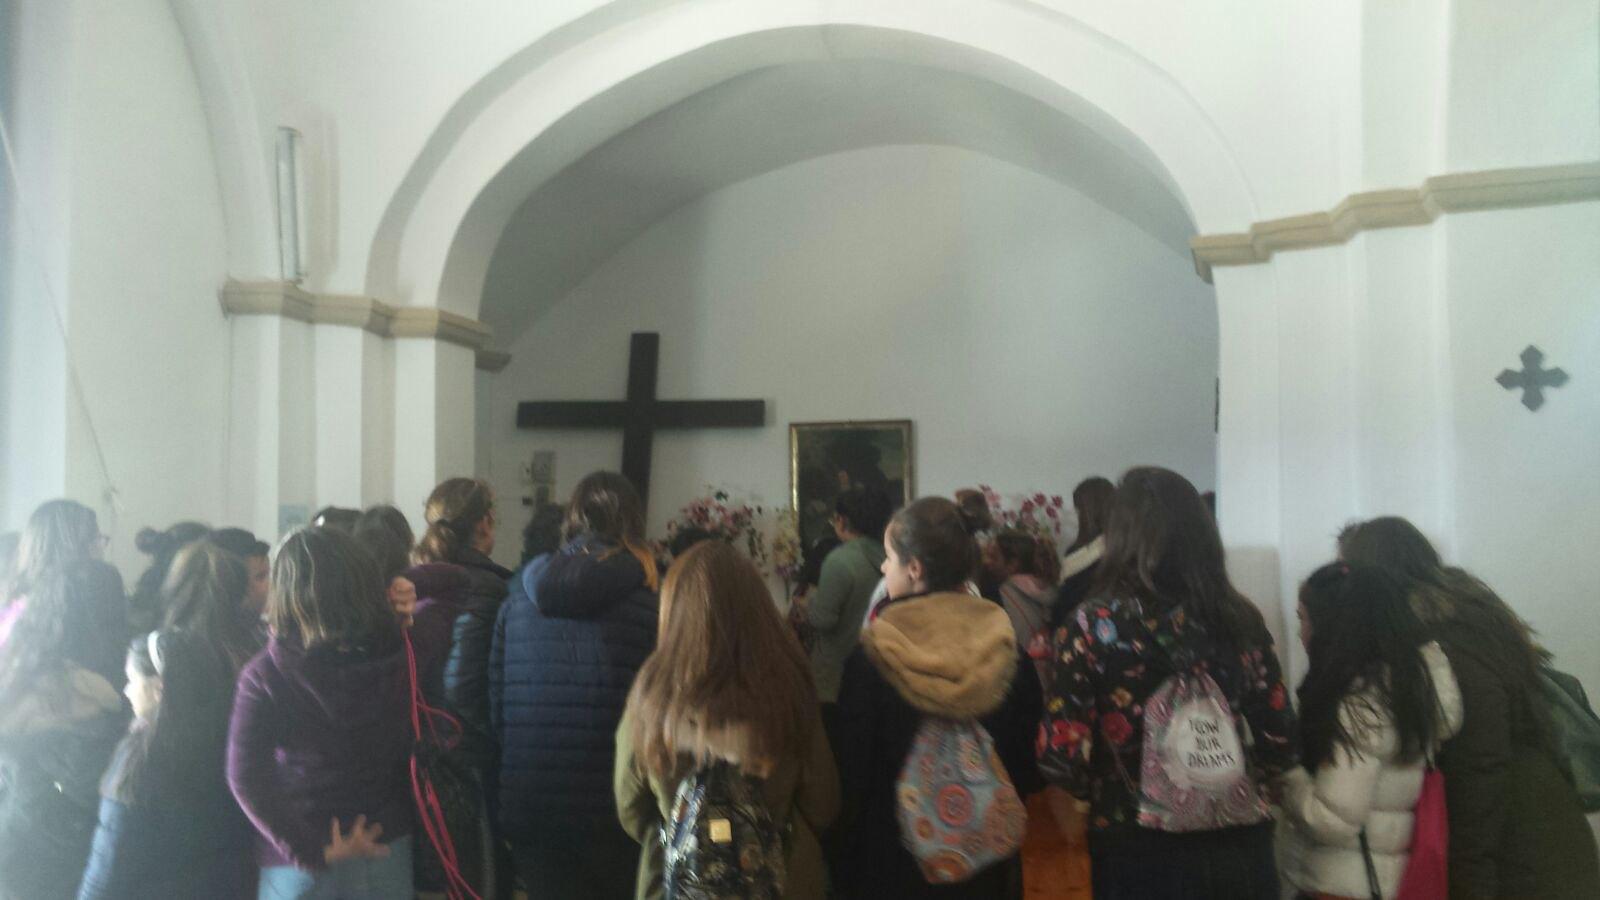 (2018-03-19) - Visita ermita alumnos Yolada-Pilar,6º, Virrey Poveda-9 de Octubre - Maria Isabel Berenquer Brotons - (05)